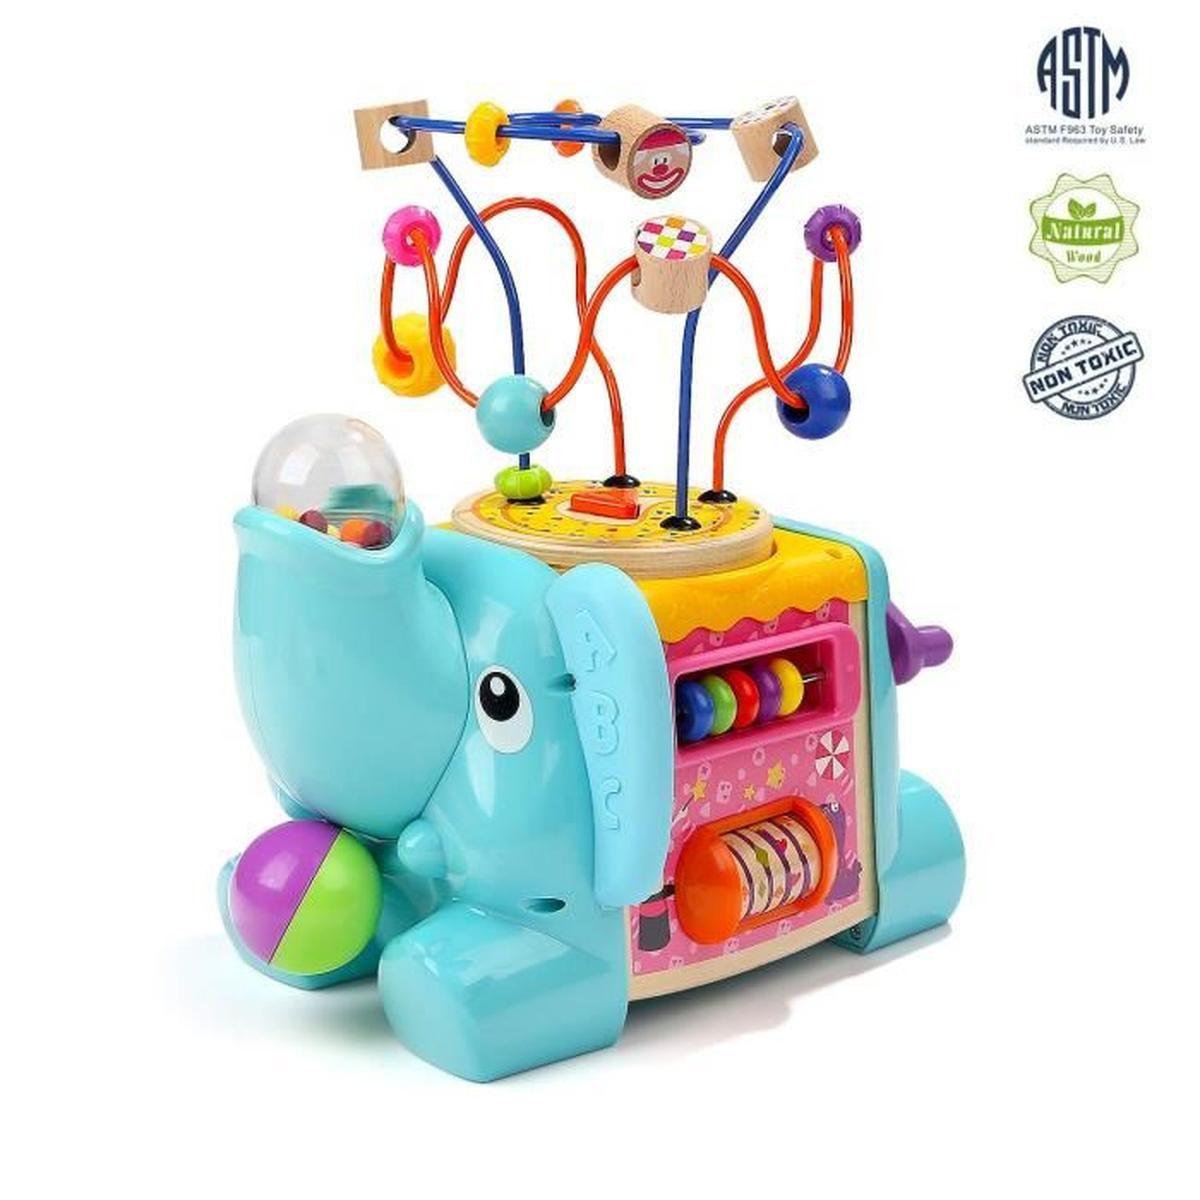 Jouet Educatif Avec Jeu Labyrinthe De Perle Pour Bébé, Jouet Cadeau Pour  Garçon Et Fille avec Jeux De Fille Pour Garçon